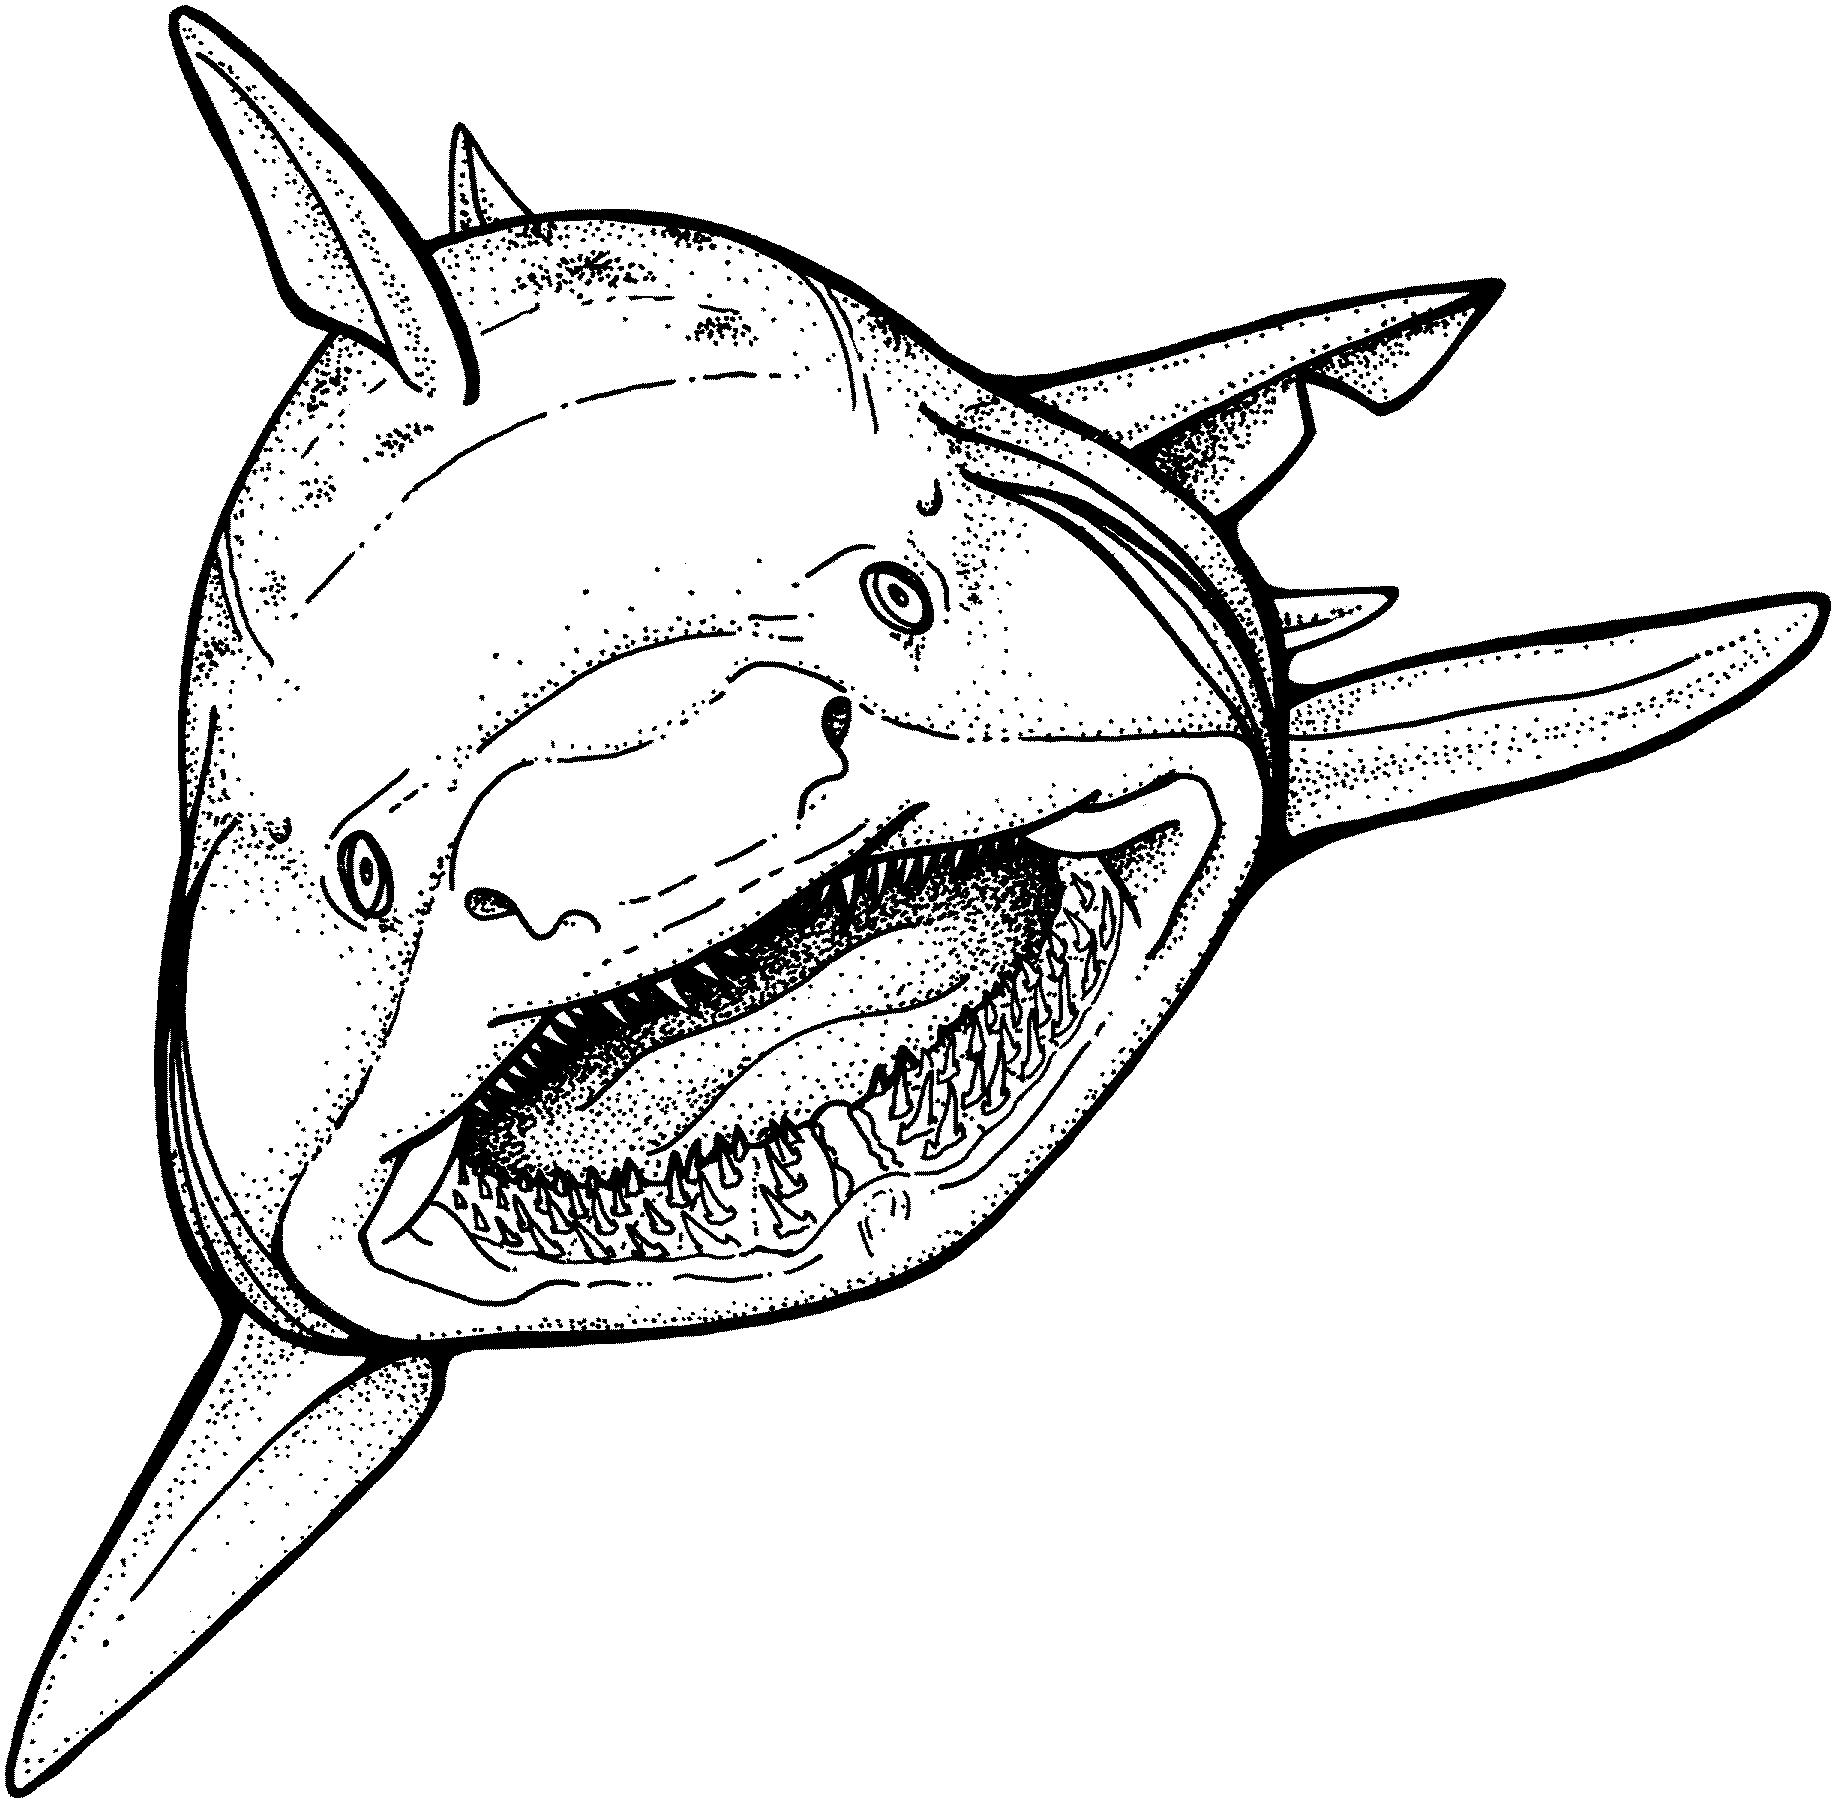 Requin (Animaux) – Coloriages À Imprimer encequiconcerne Coloriage Requin Blanc Imprimer